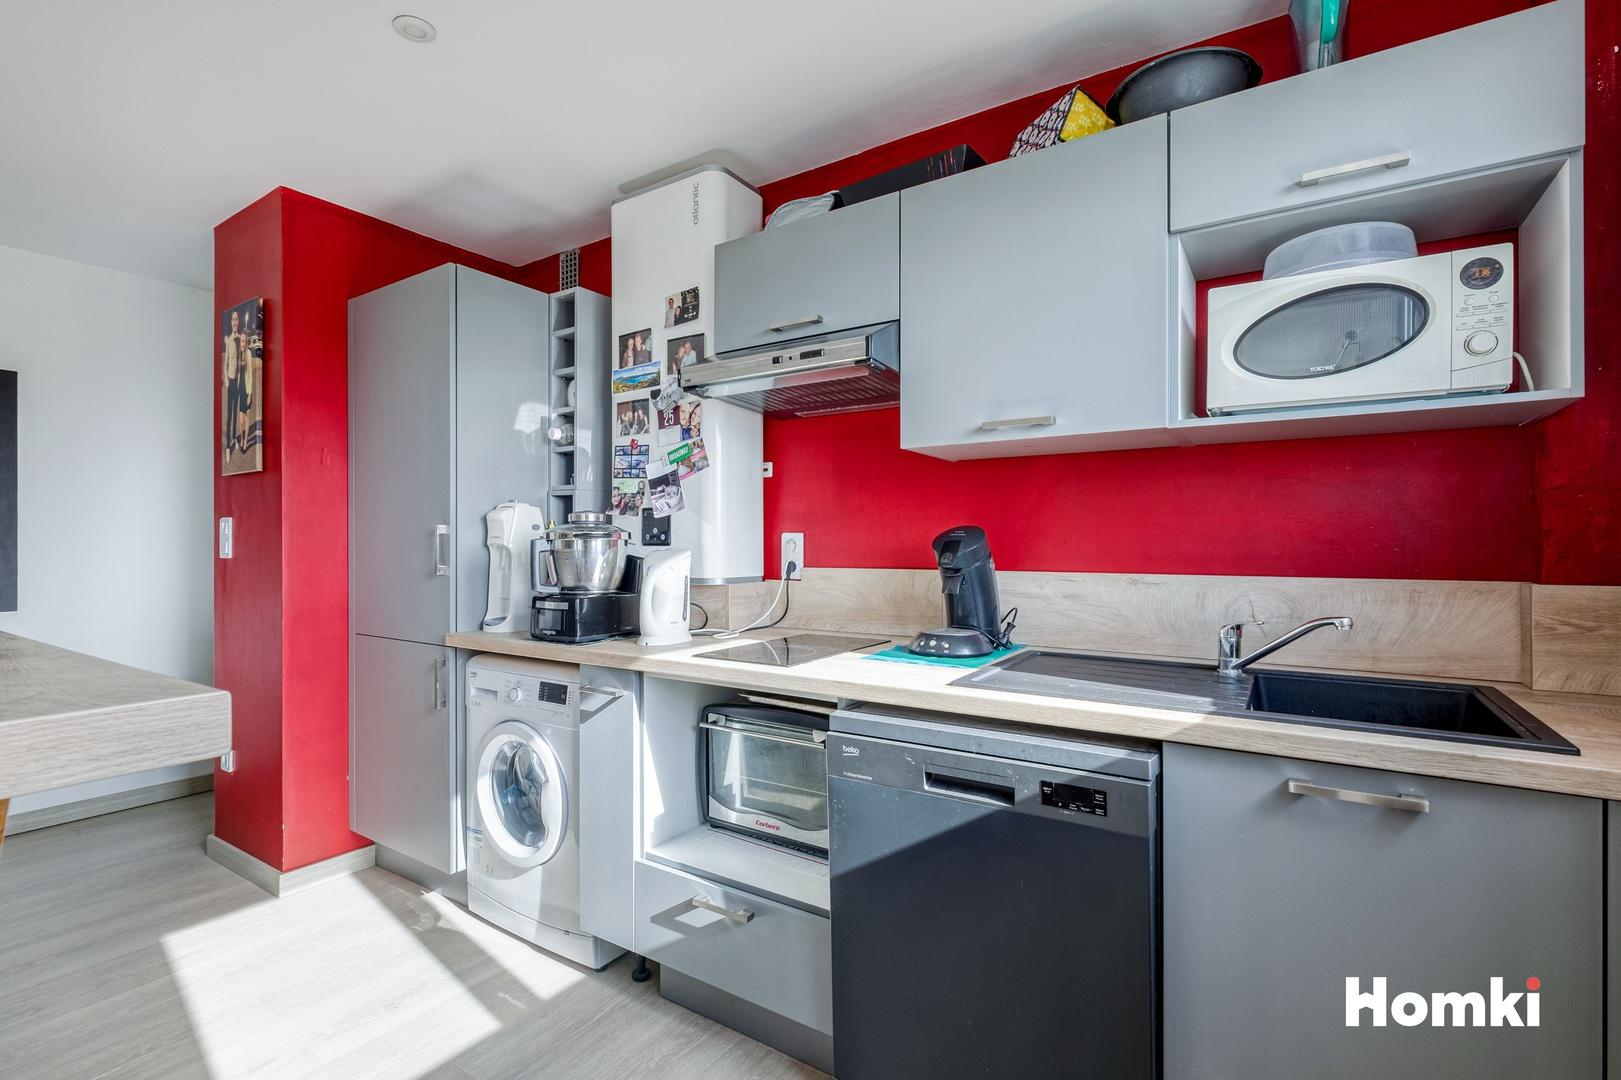 Homki - Vente Appartement  de 55.0 m² à Toulouse 31400